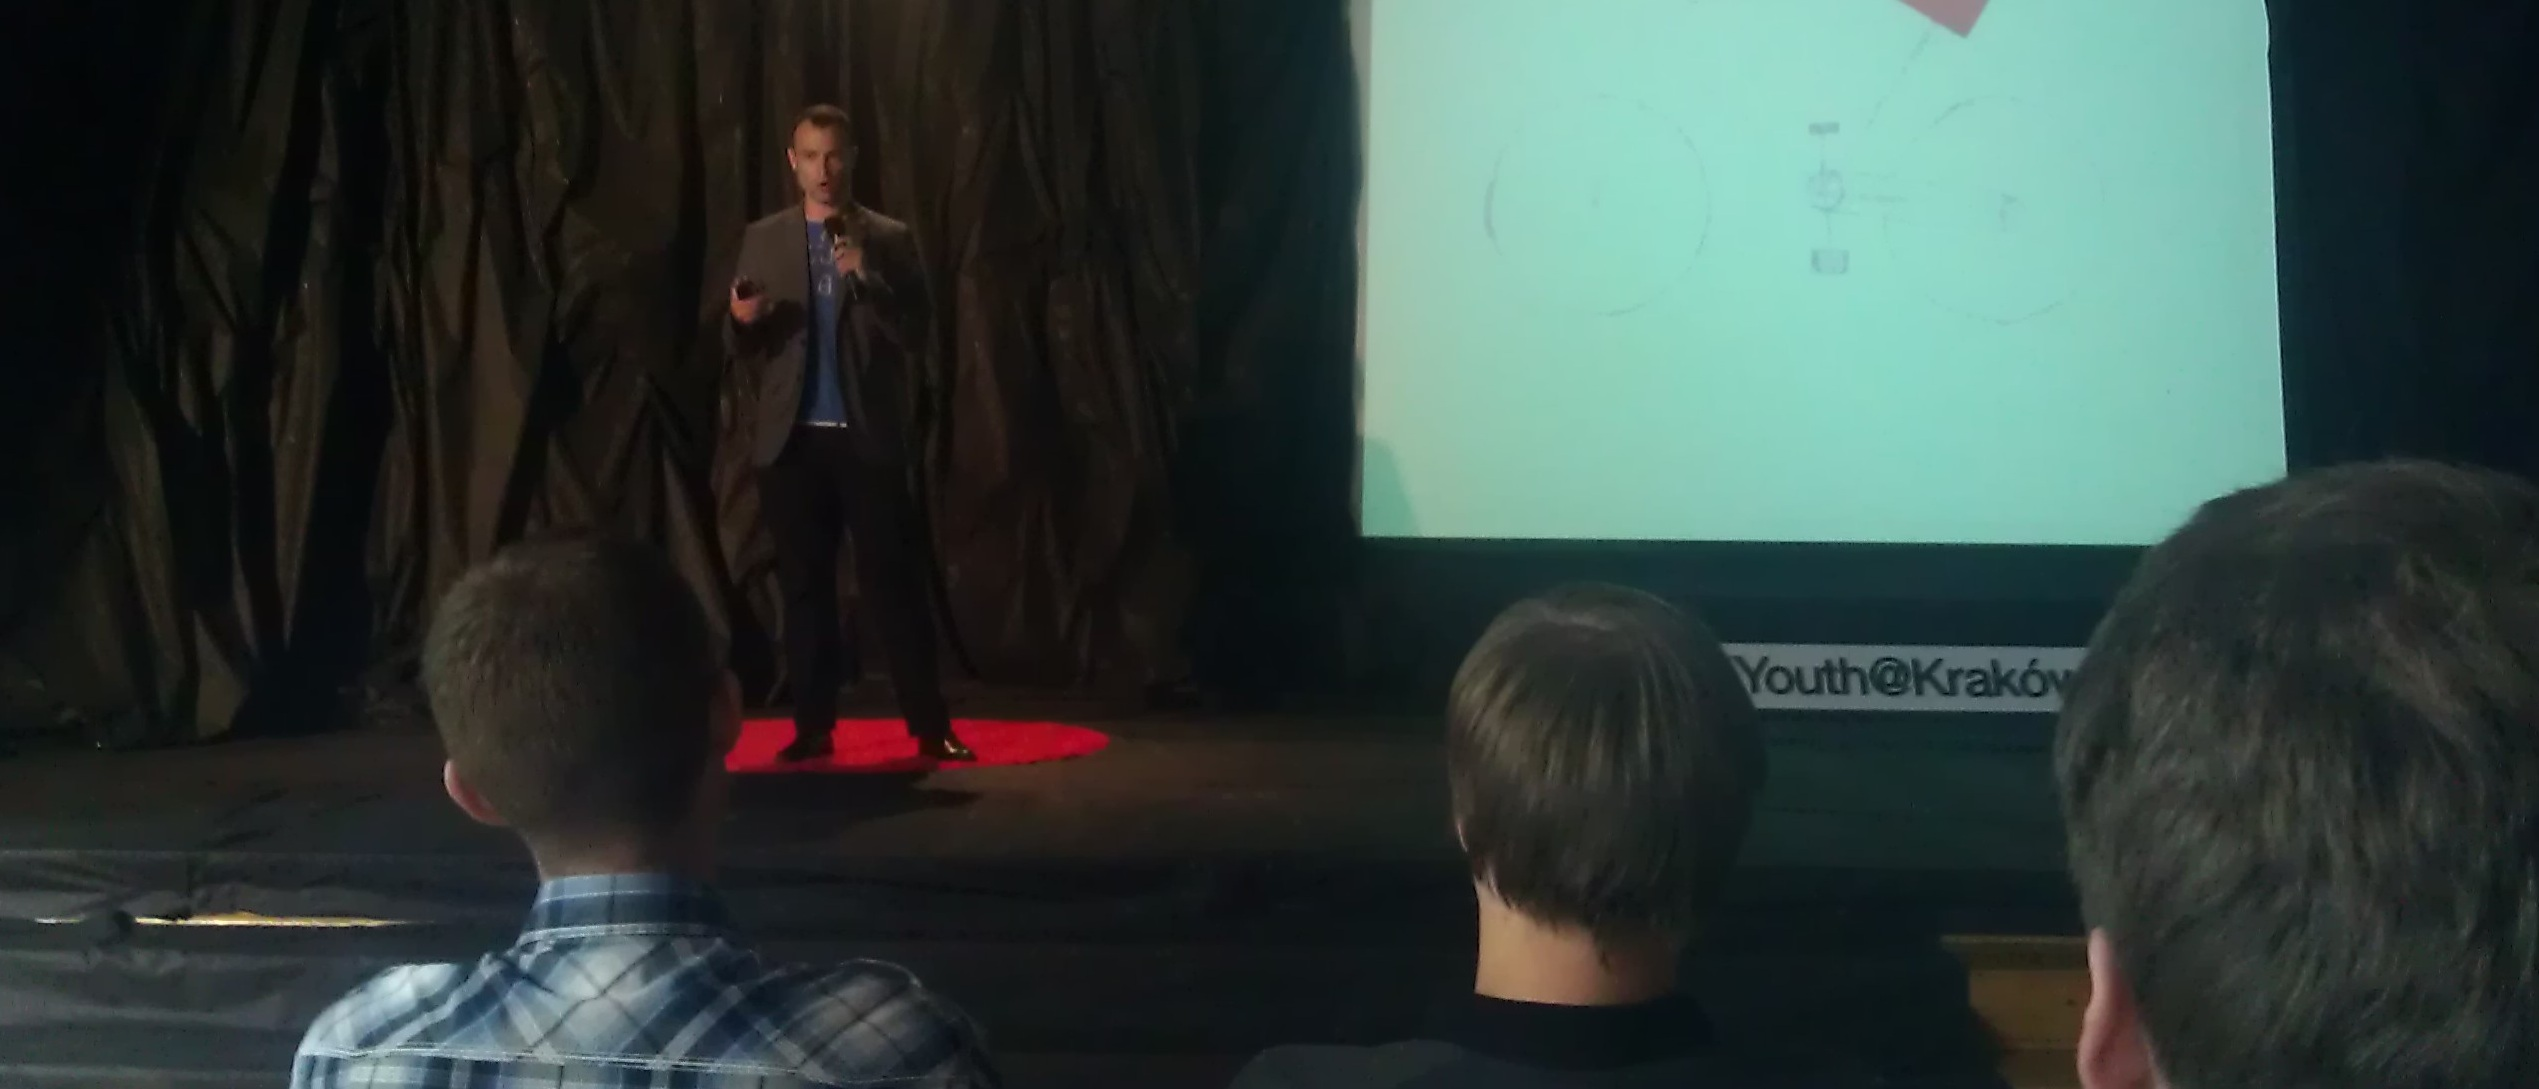 TEDxYouth@Kraków – relacja